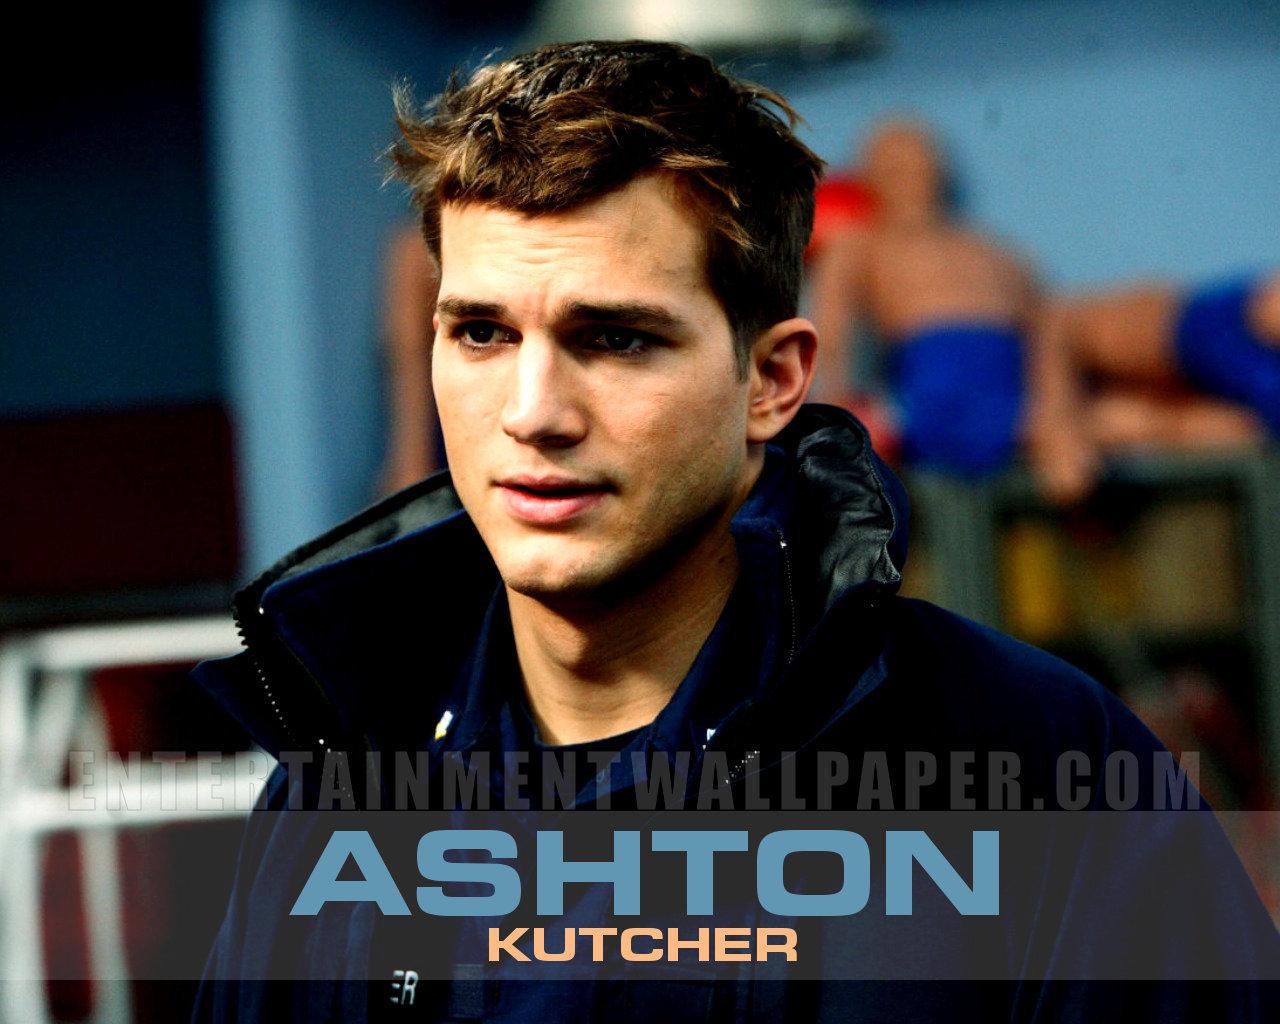 Ashton Kutcher   Ashton Kutcher Wallpaper 9942620 1280x1024